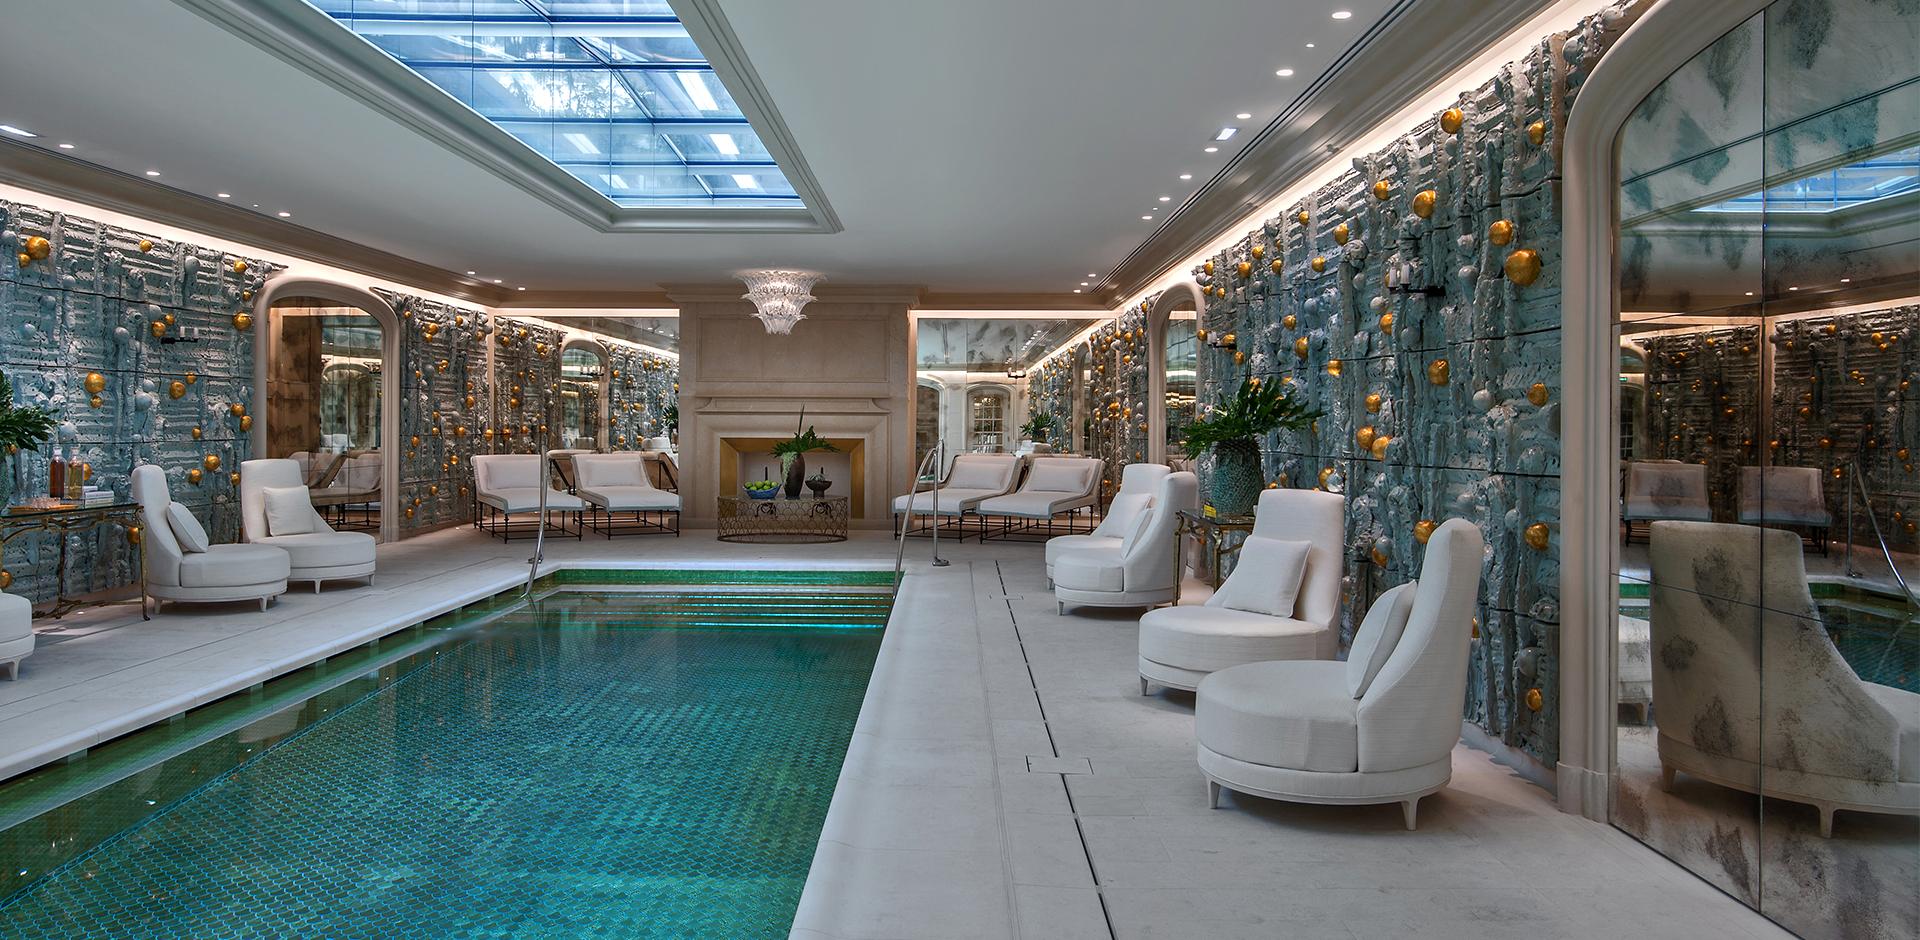 Hôtel De Crillon The Parisian Hôtel De Crillon Gets A Fashionable Renovation pool